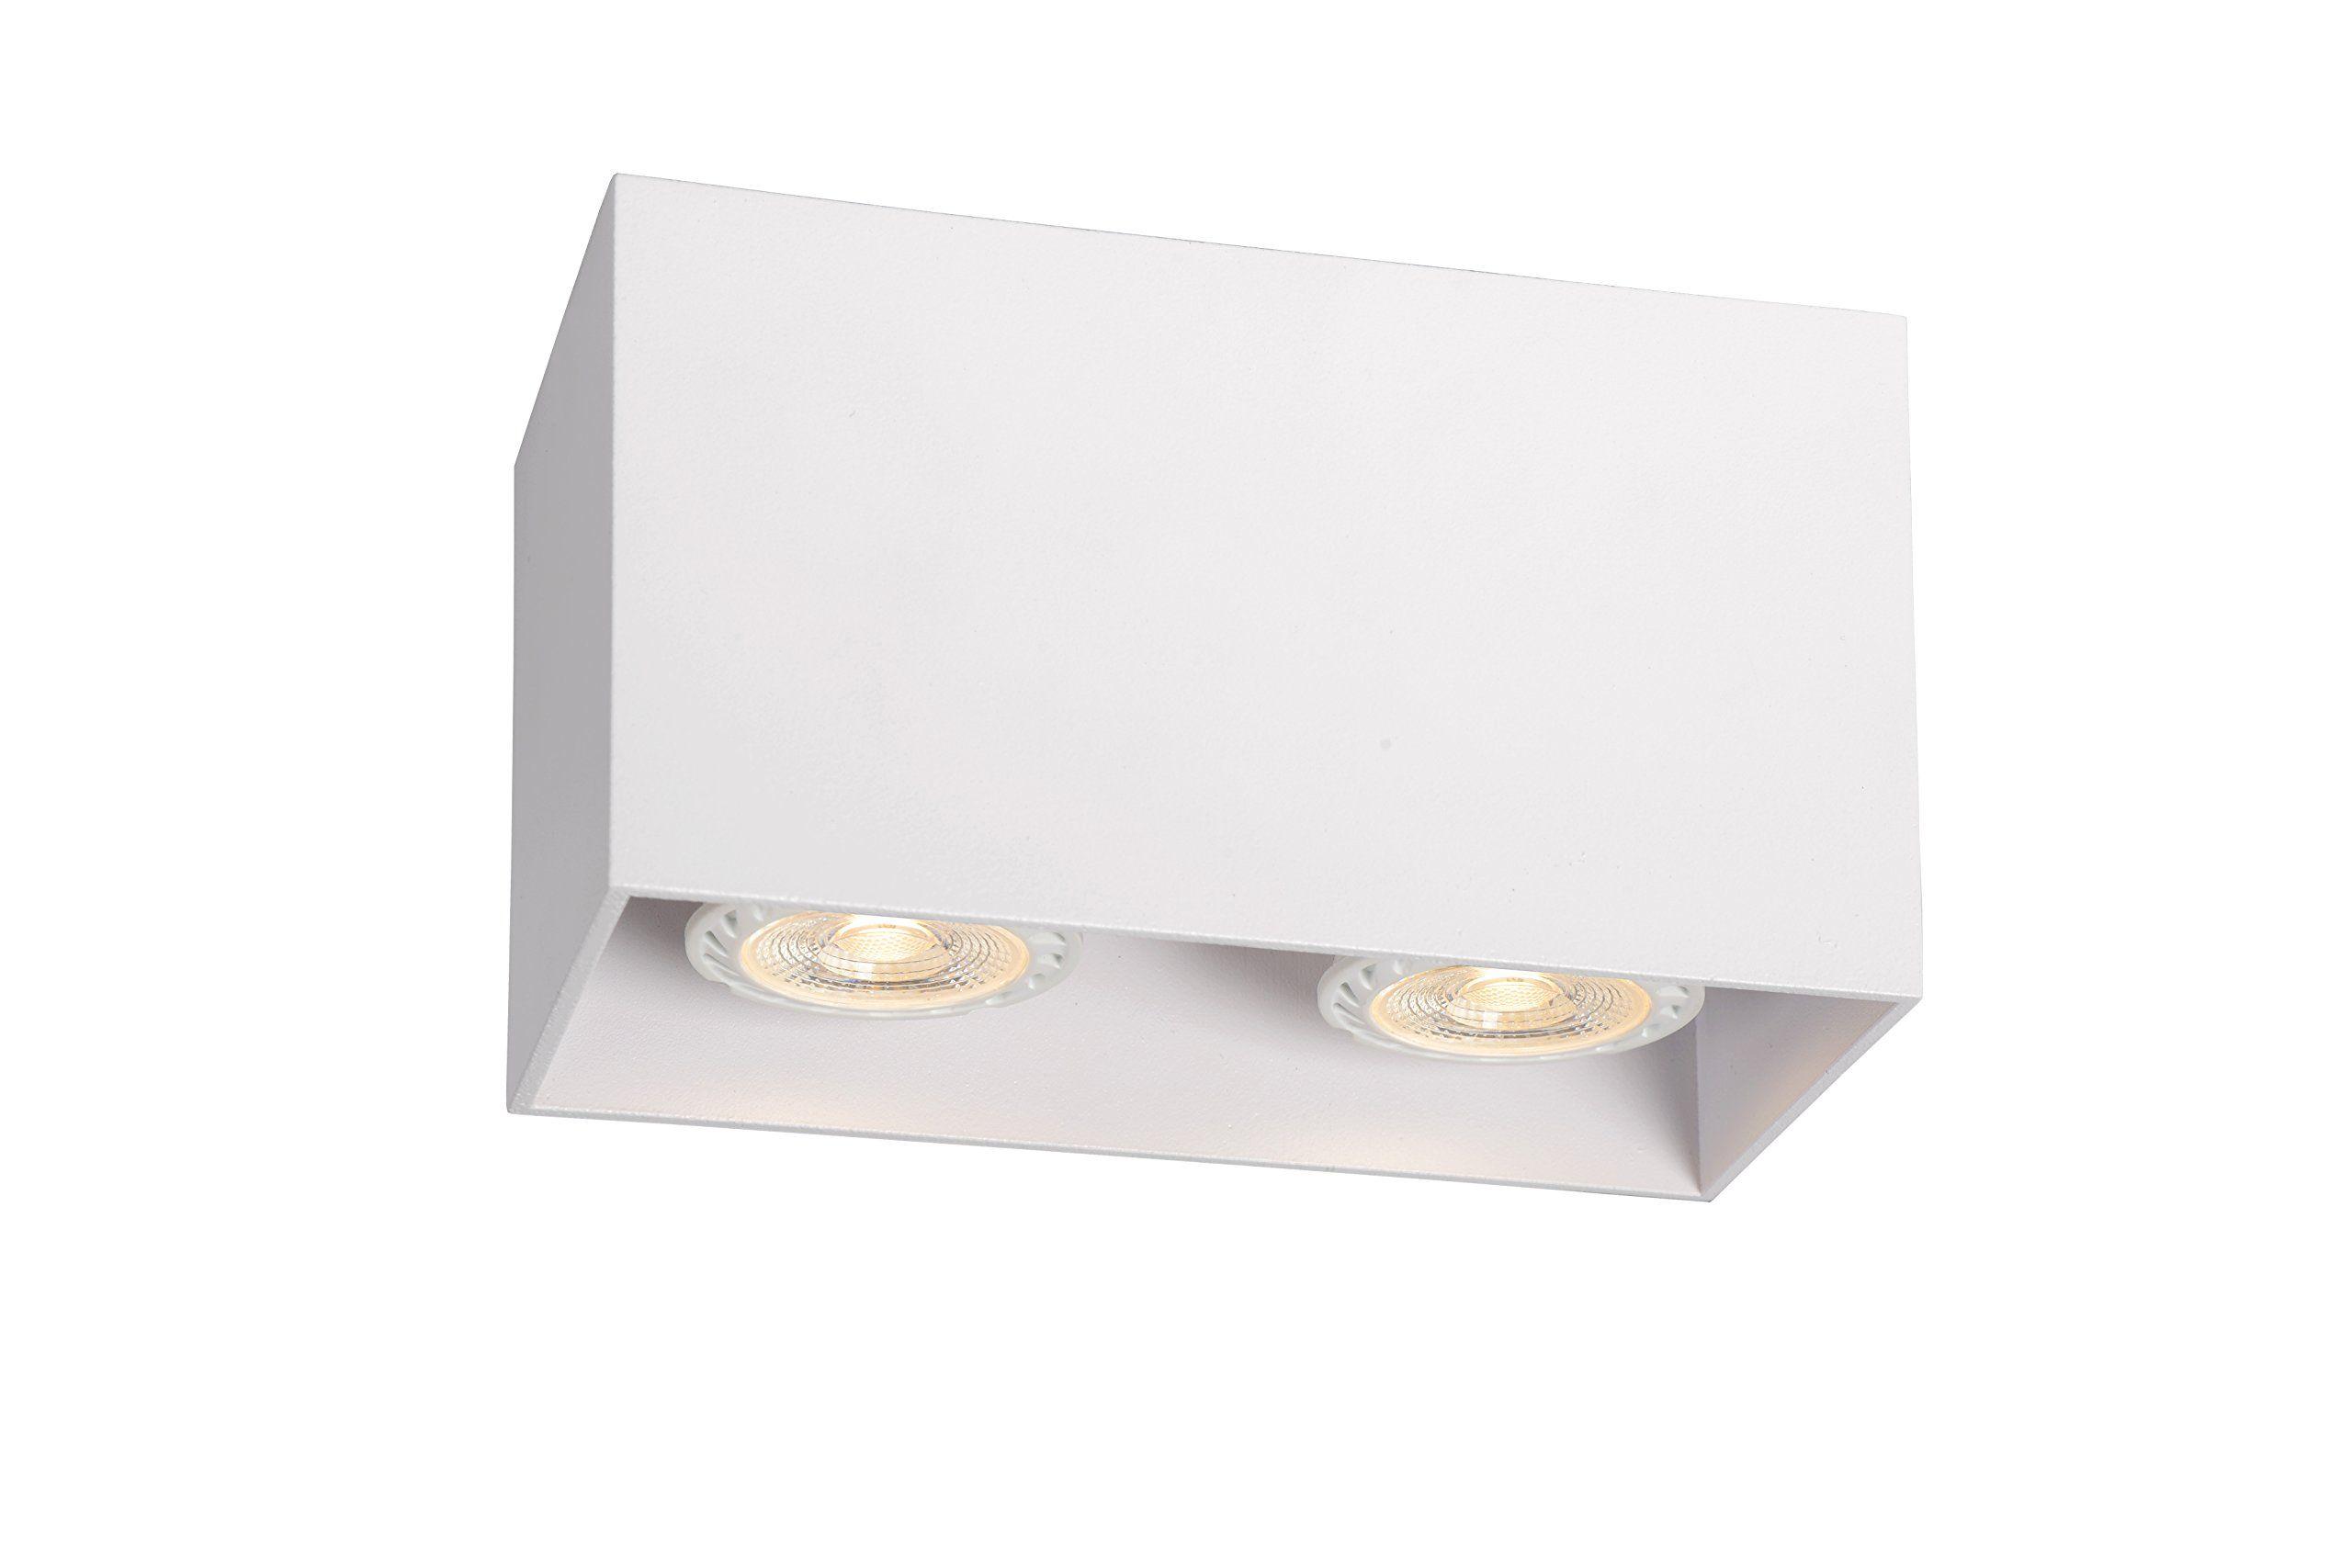 Plafoniere Rettangolari : Lucide bodi 09101 02 31 plafoniera rettangolare per 2 lampadine